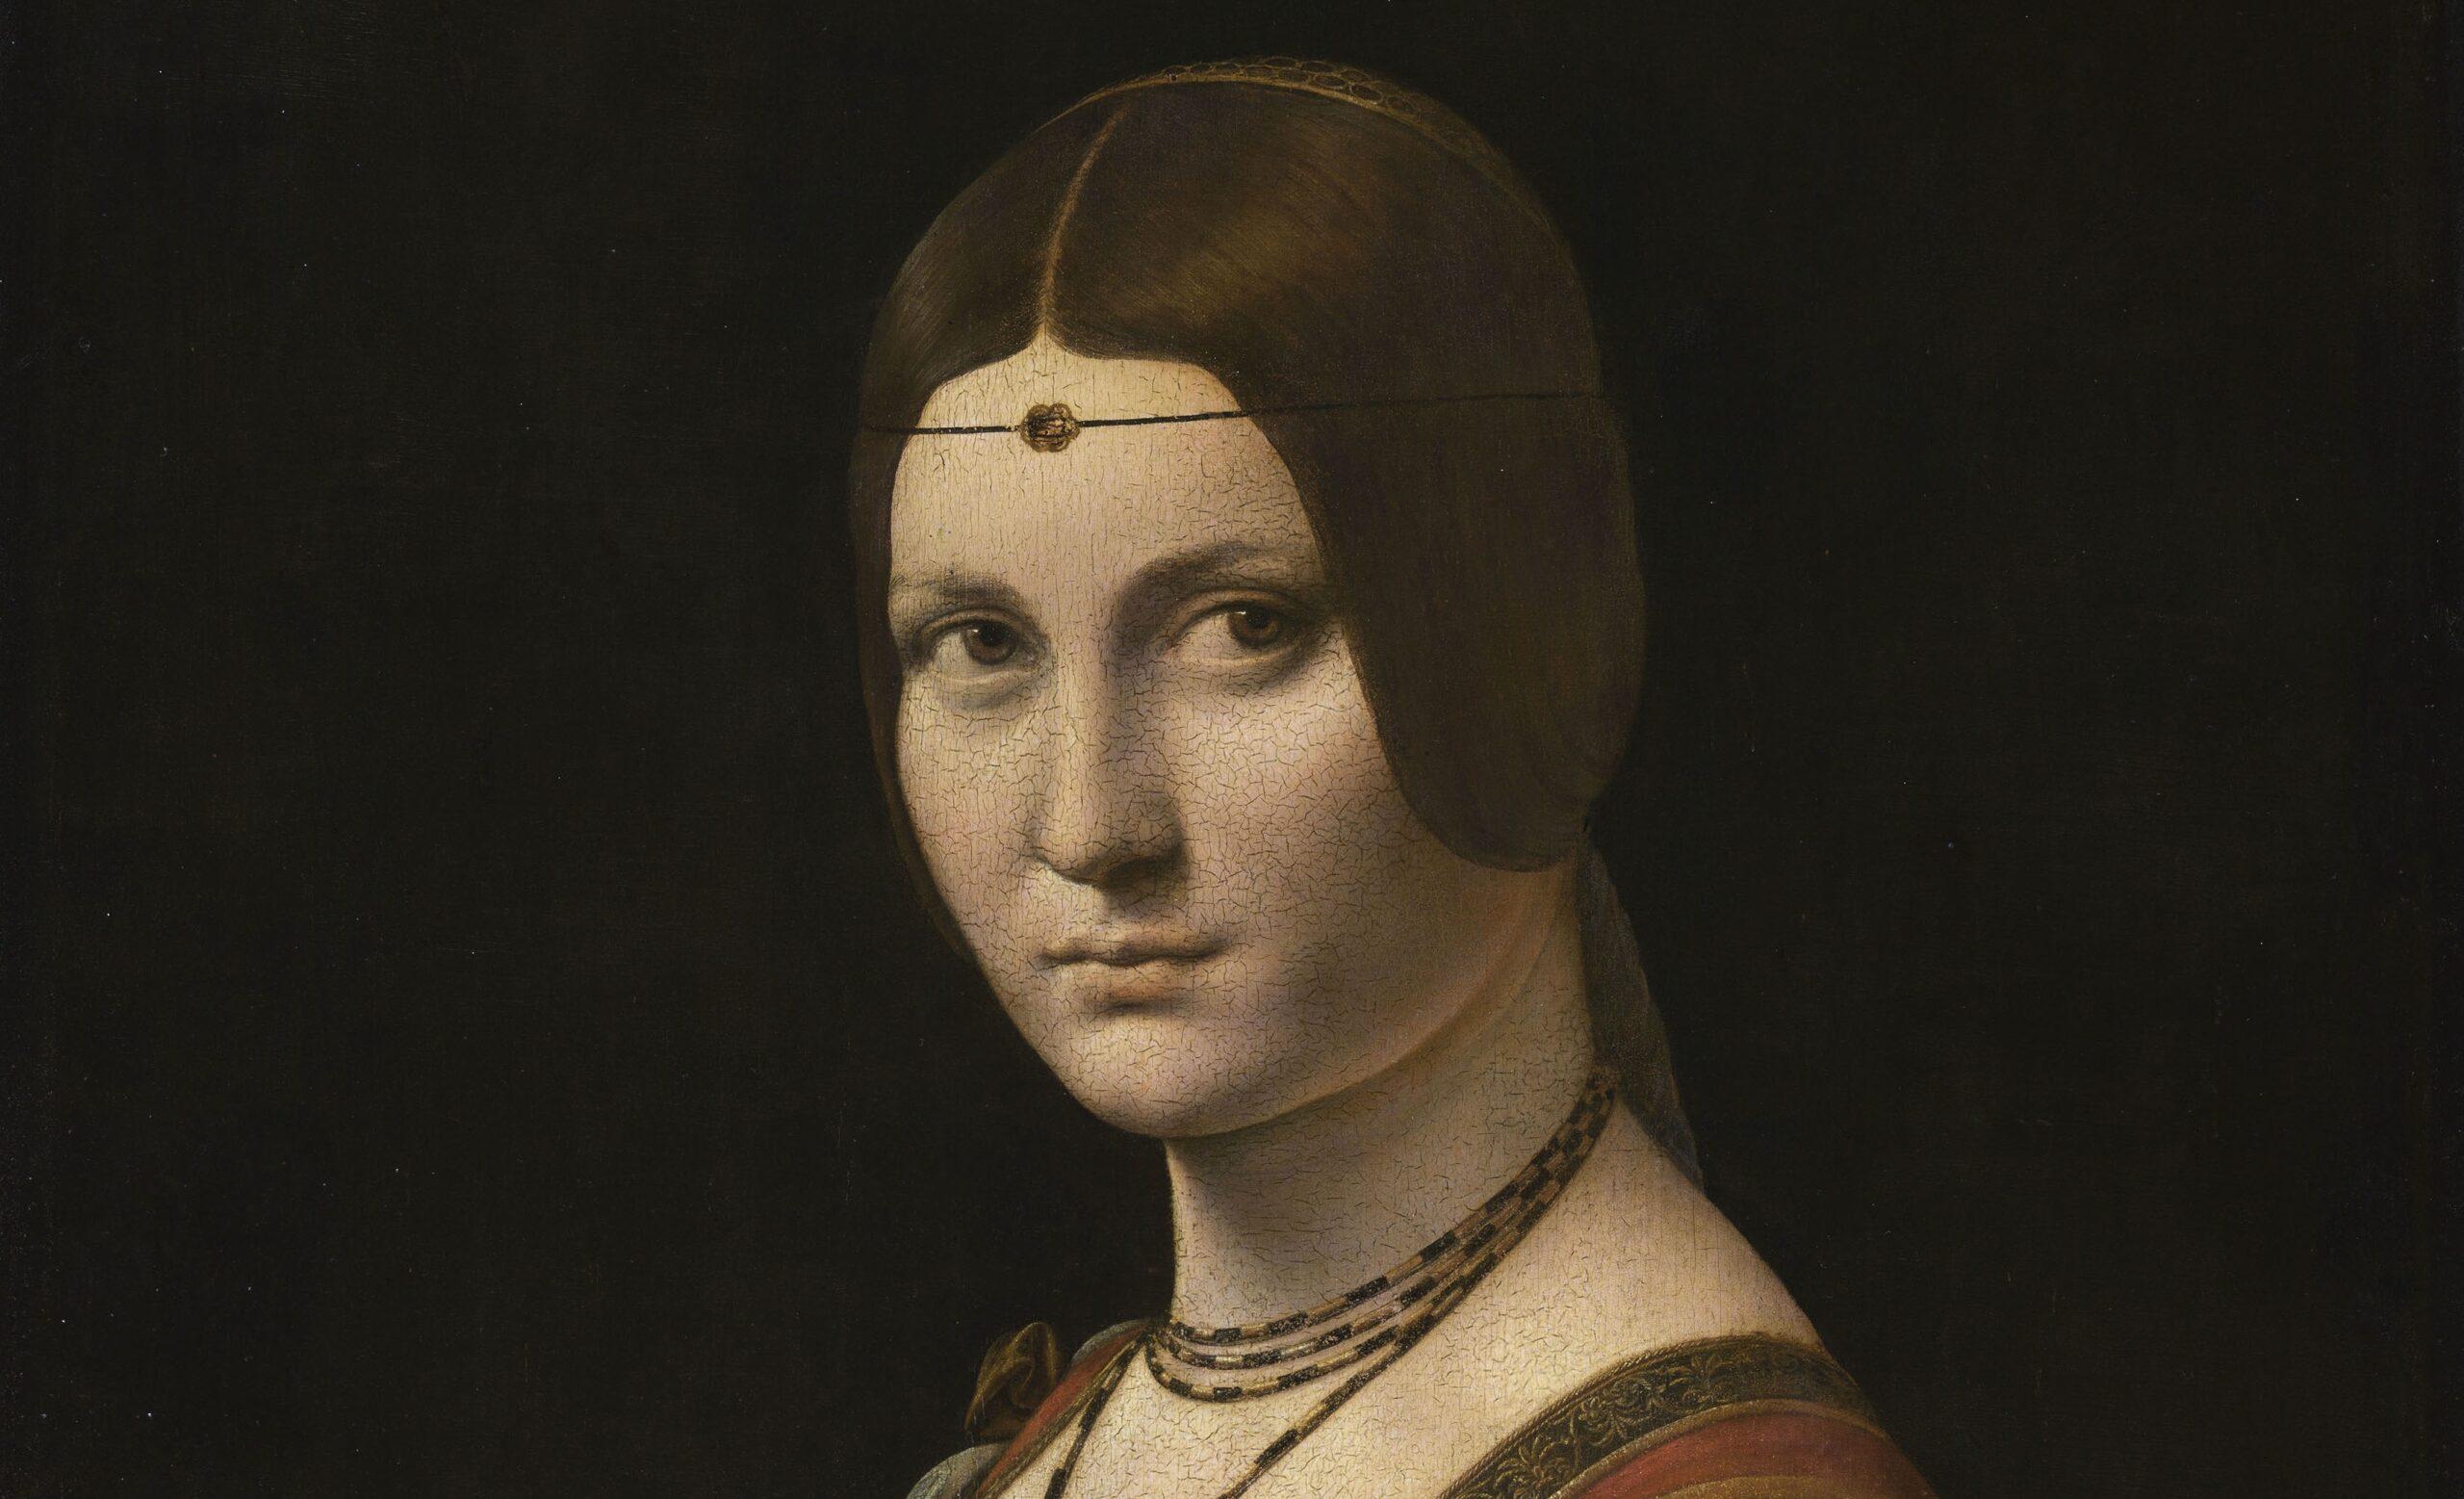 Tutto Leonardo al cinema. Arriva a settembre il film girato al Louvre